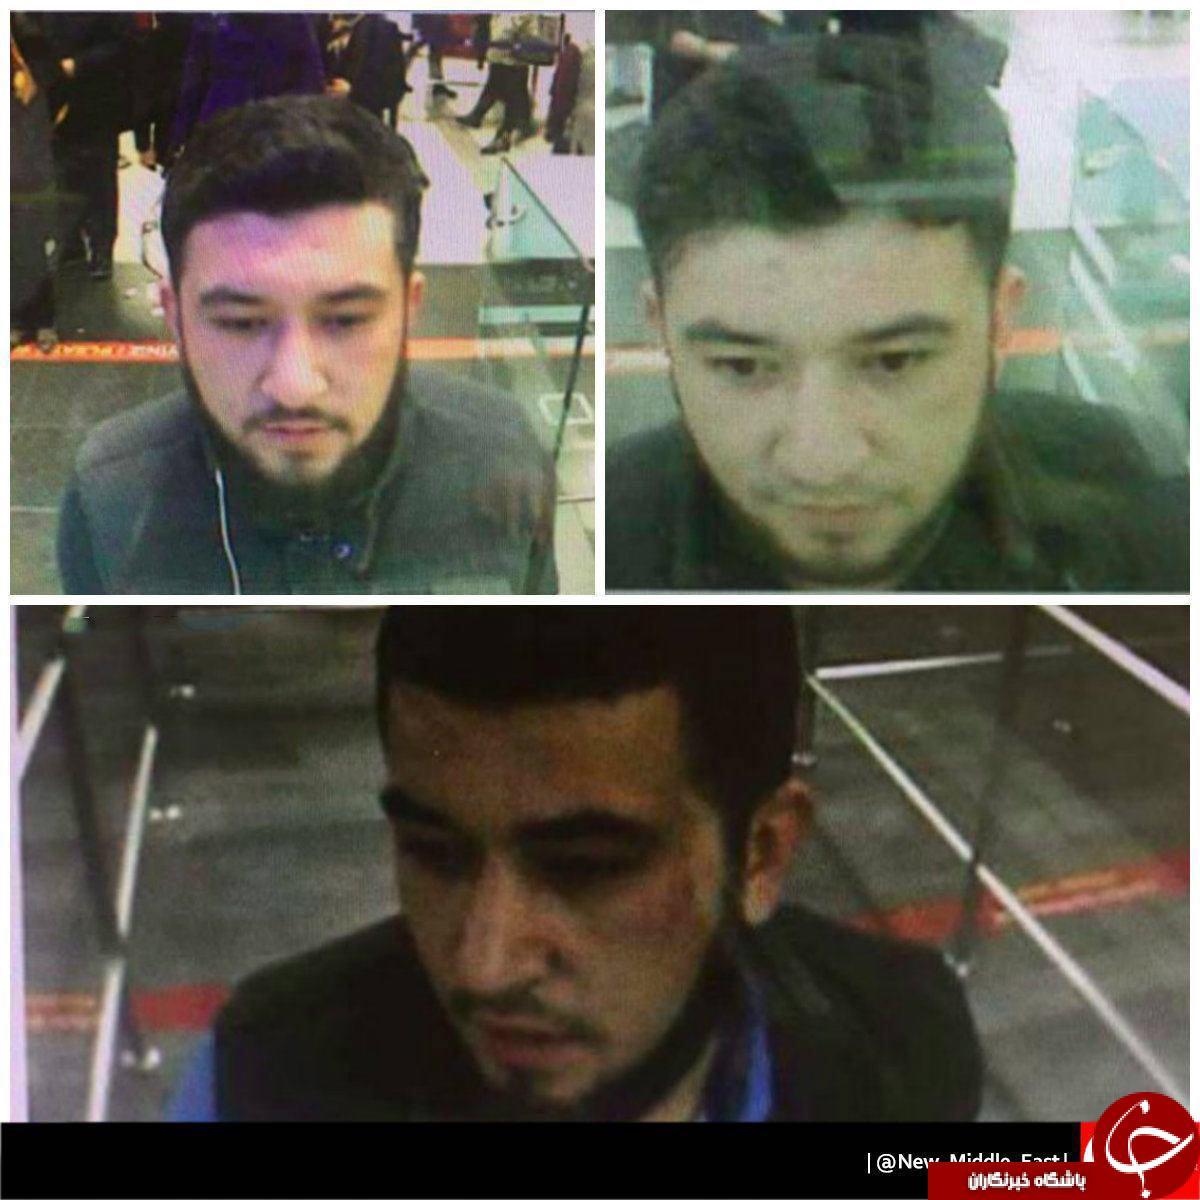 اولین تصویر از تروریست عامل حمله به کلوب شبانه در استانبول